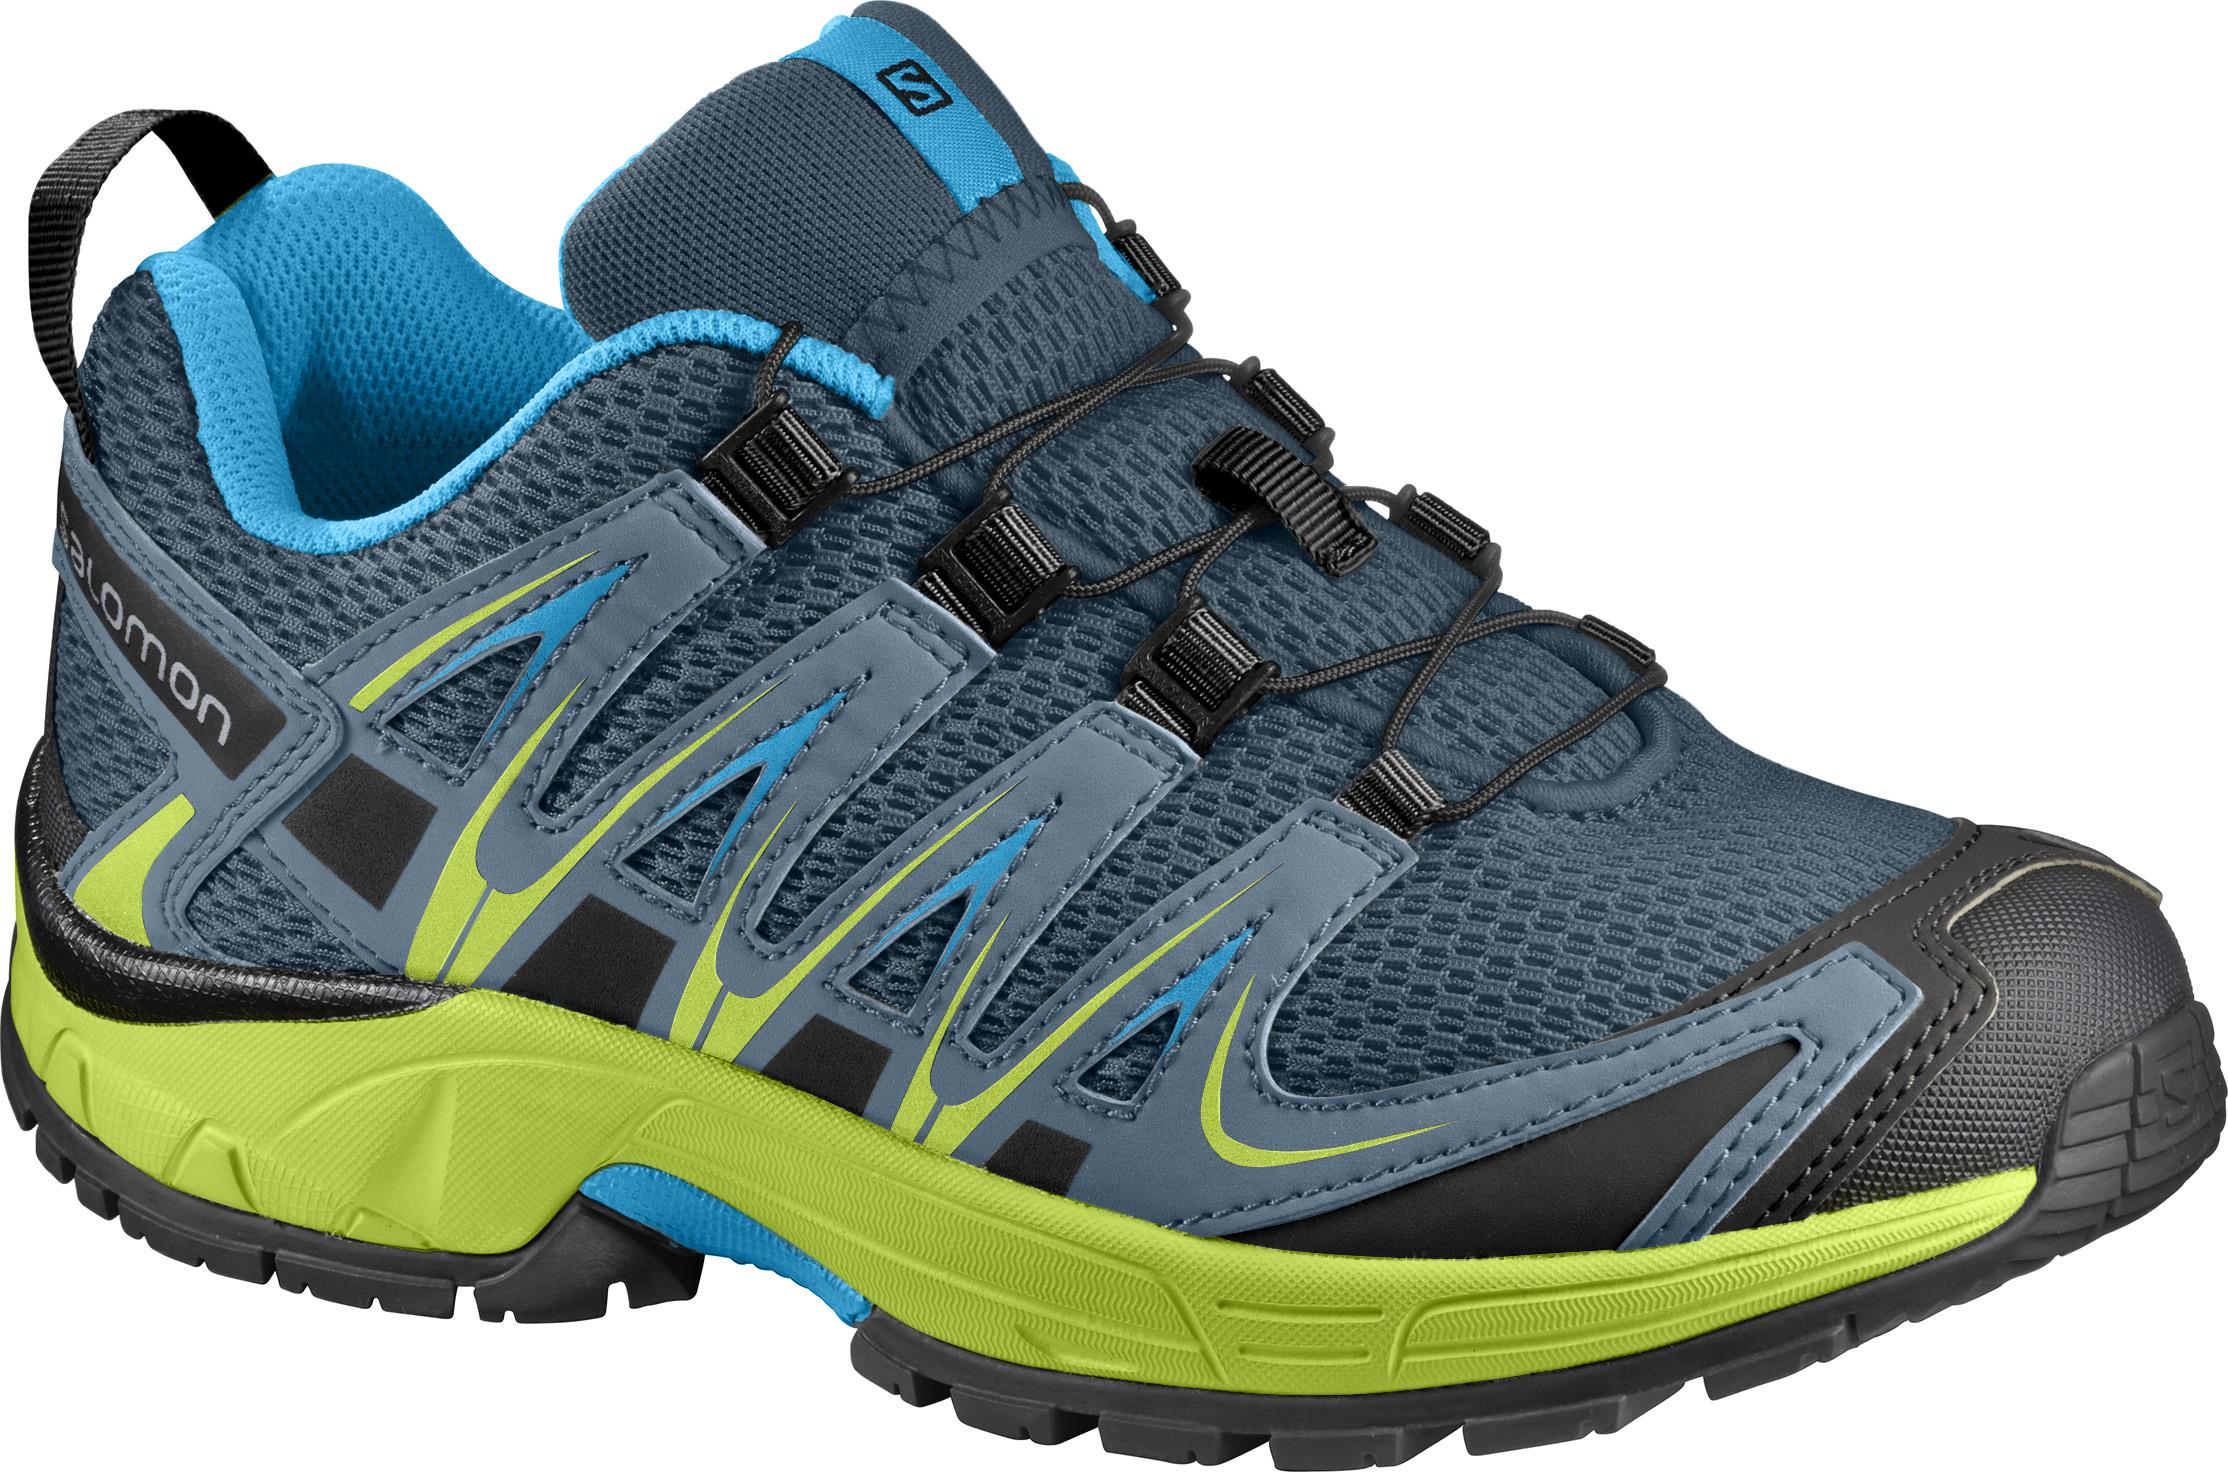 Купить Беговые кроссовки для XC SALOMON 2018 XA PRO 3D J Reflecting Pond/Lime Green/Hawaiian, Кроссовки бега, 1400222